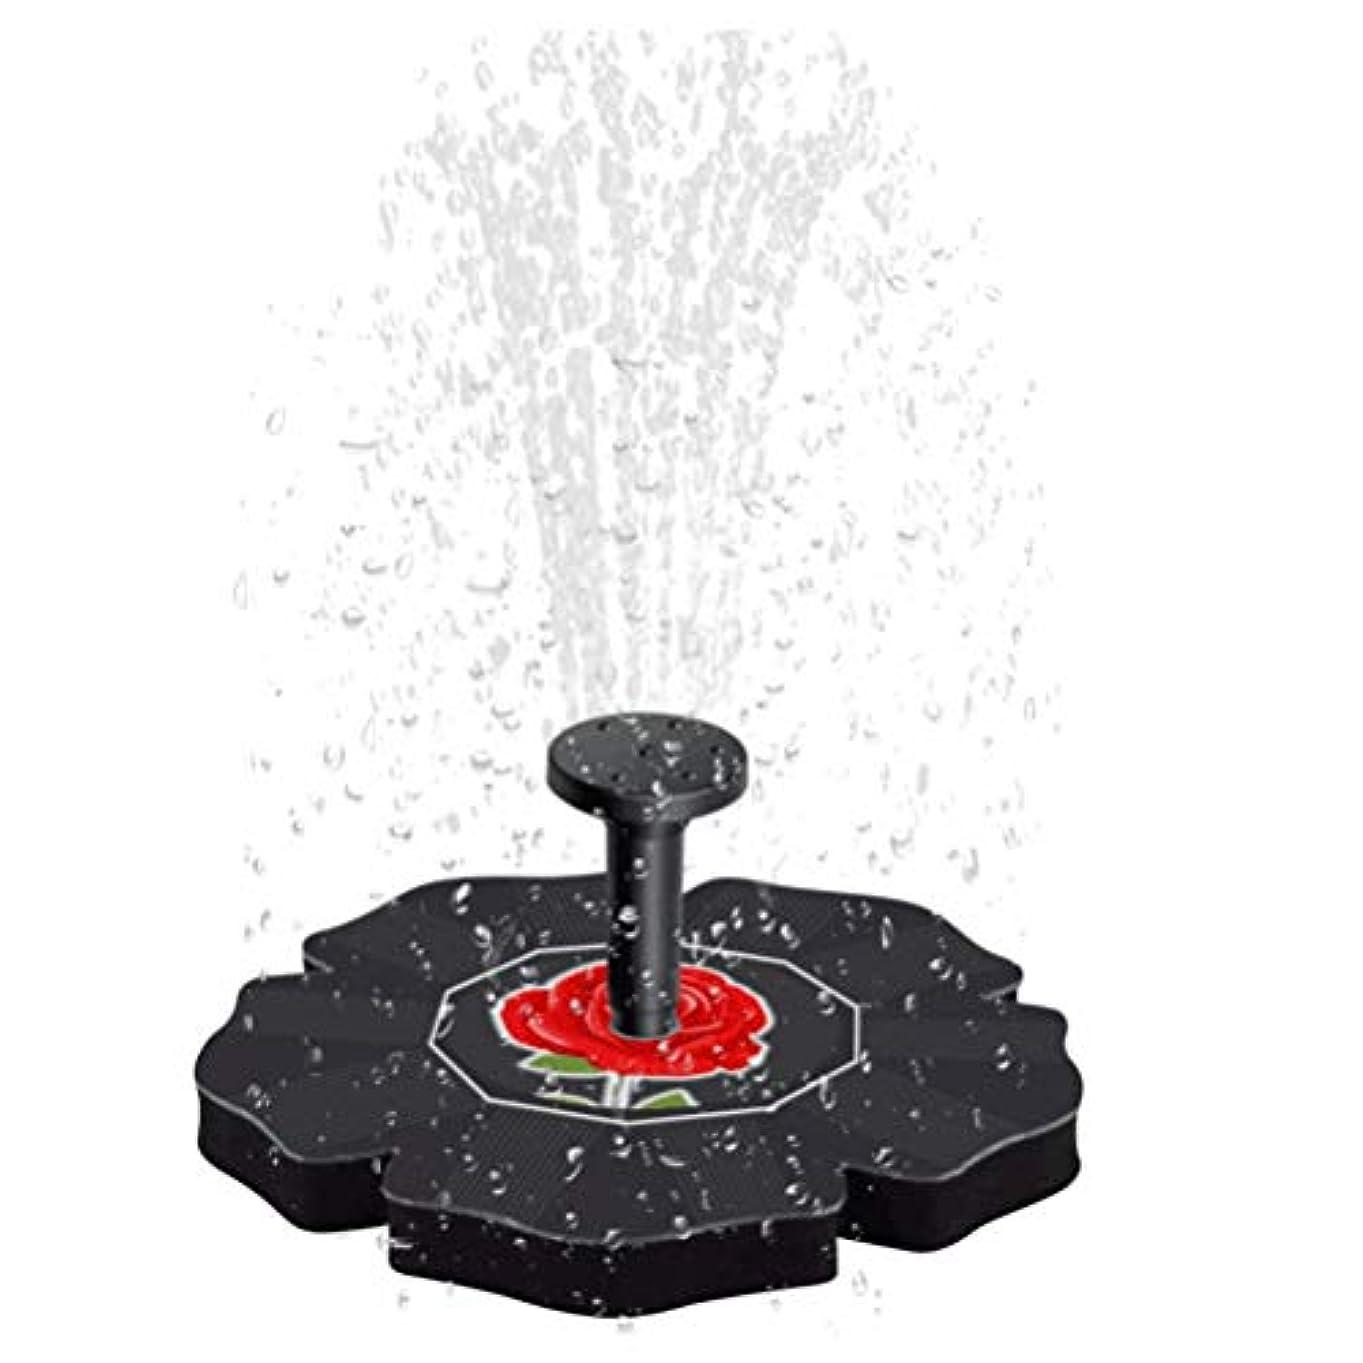 革命的驚かす征服LIOOBO ソーラーパワーウォーターポンプバードバス噴水ブラシレスフローティング漂流パネル用バードバス用水槽水槽水族館ガーデン芝生